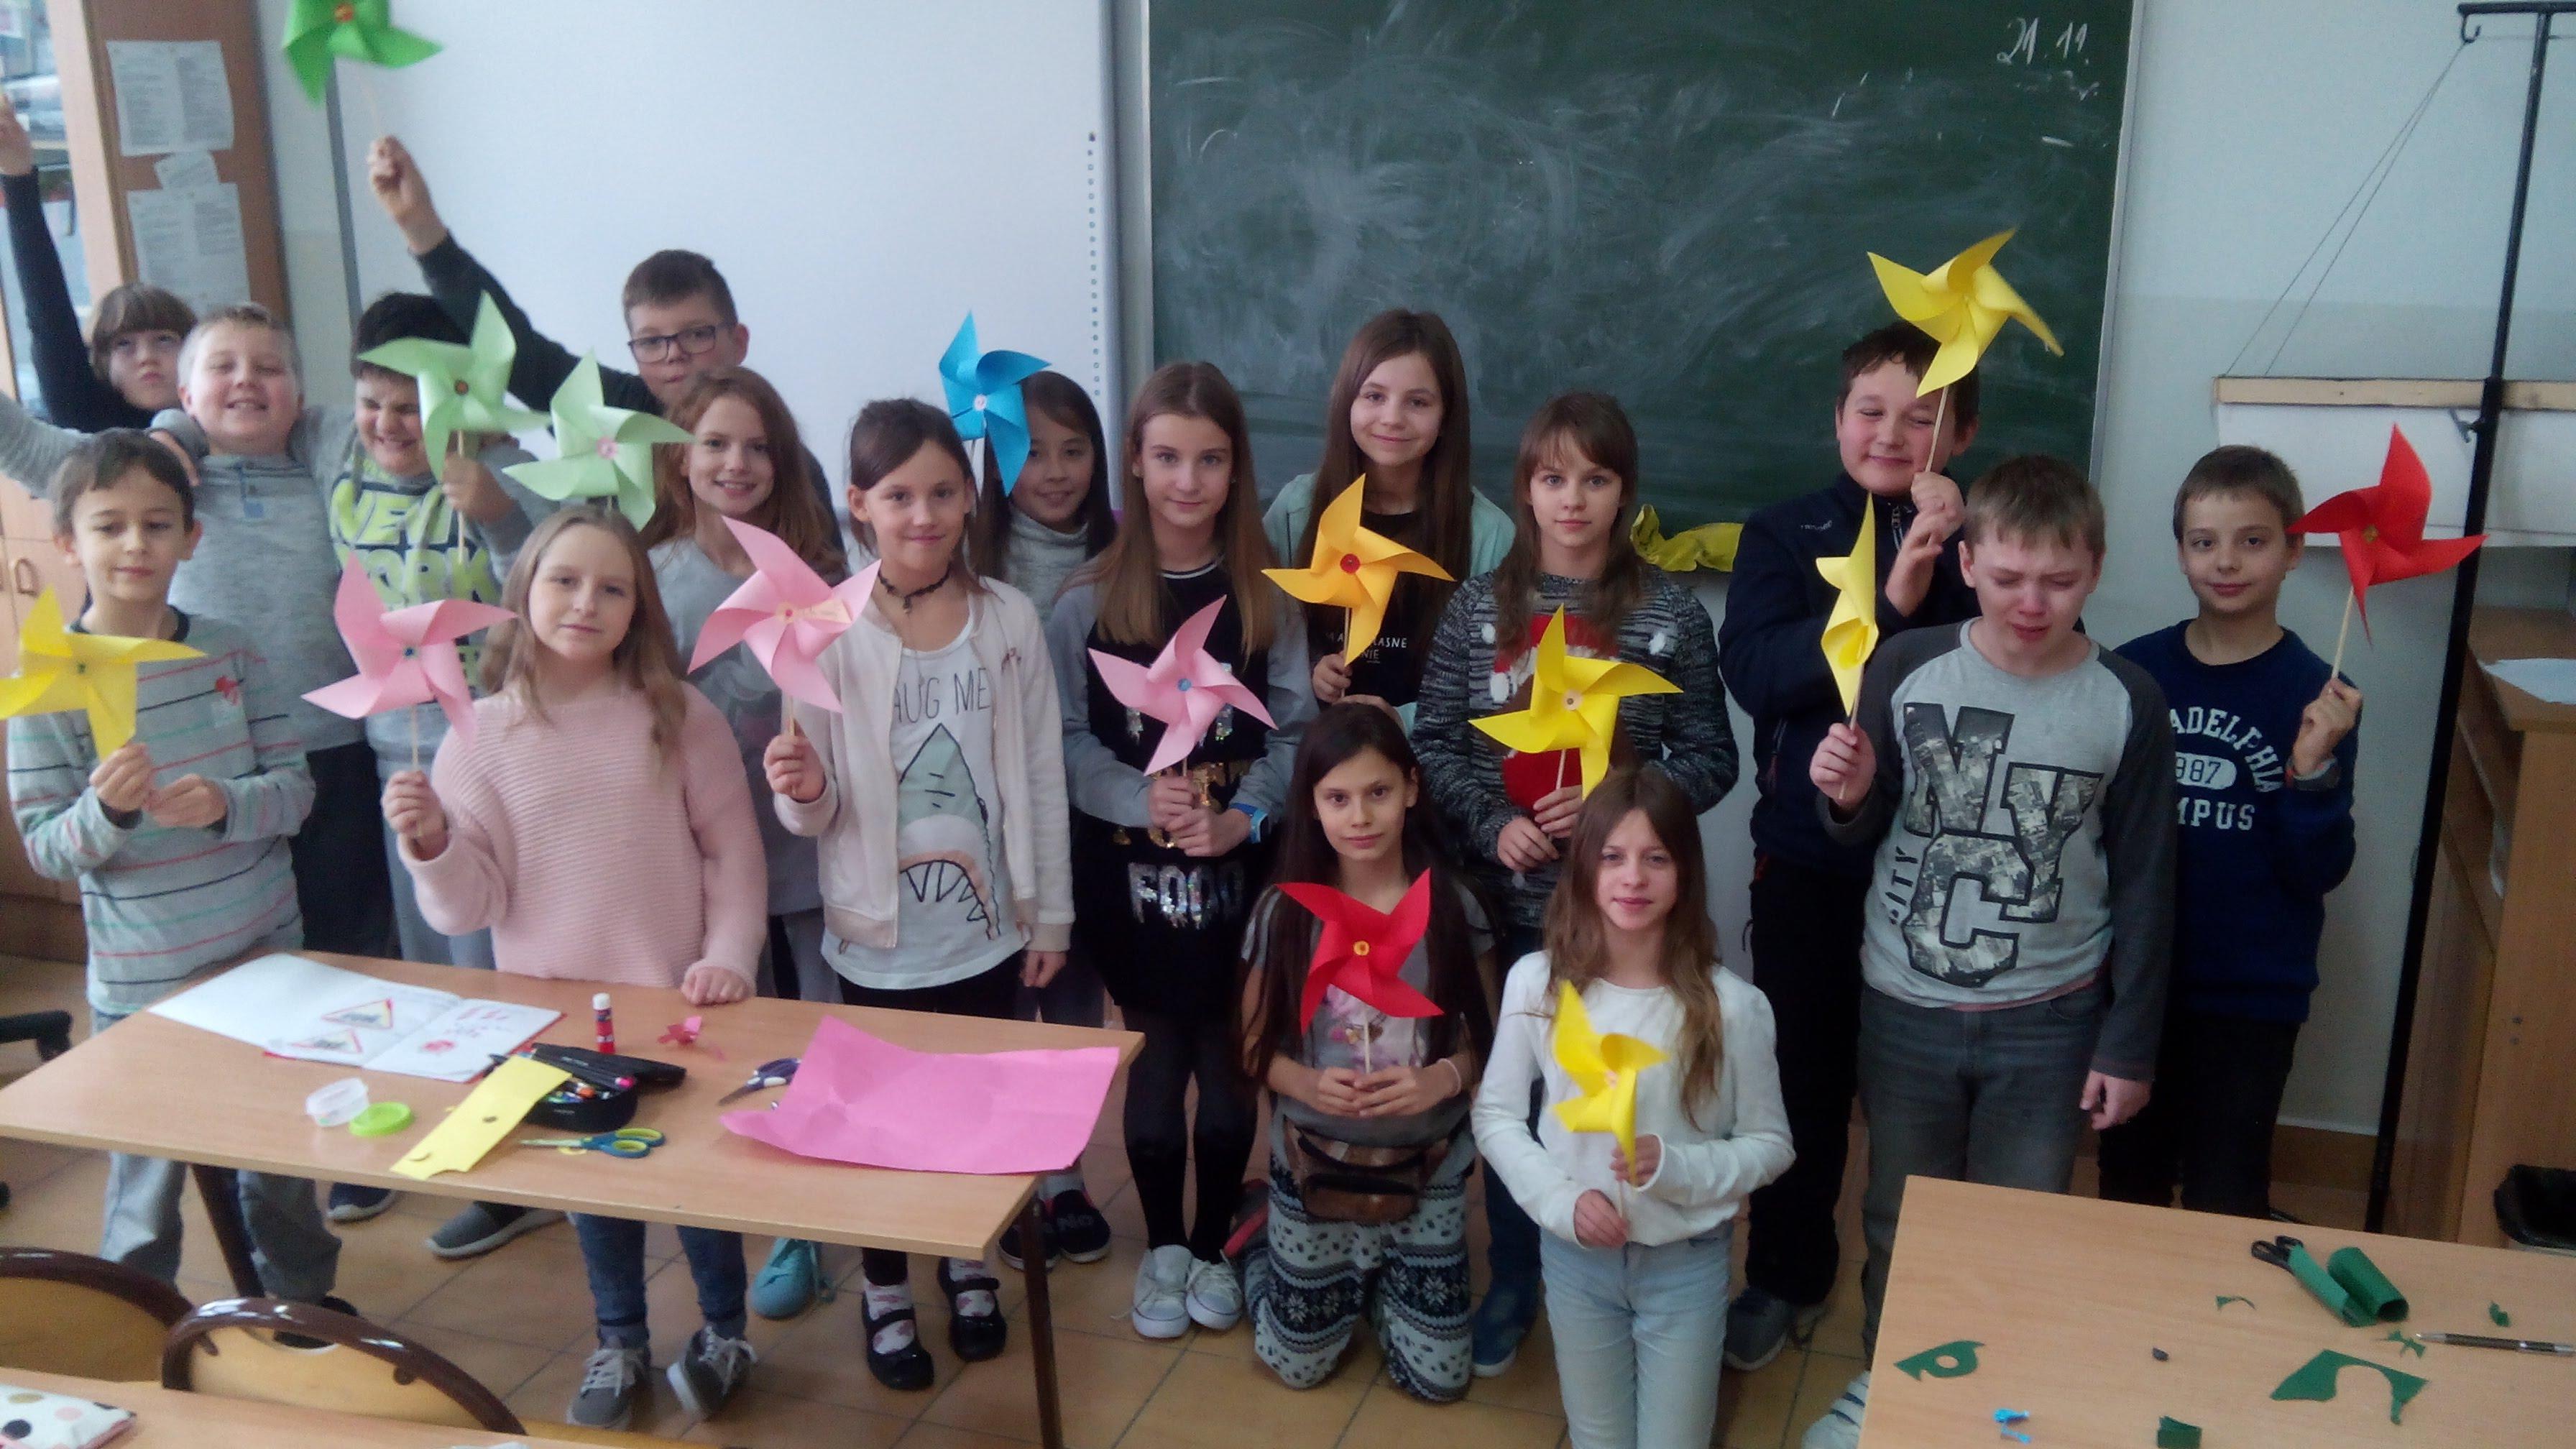 Szkoła Podstawowa nr 306 im. ks. Jan Twardowskiego w Warszawie